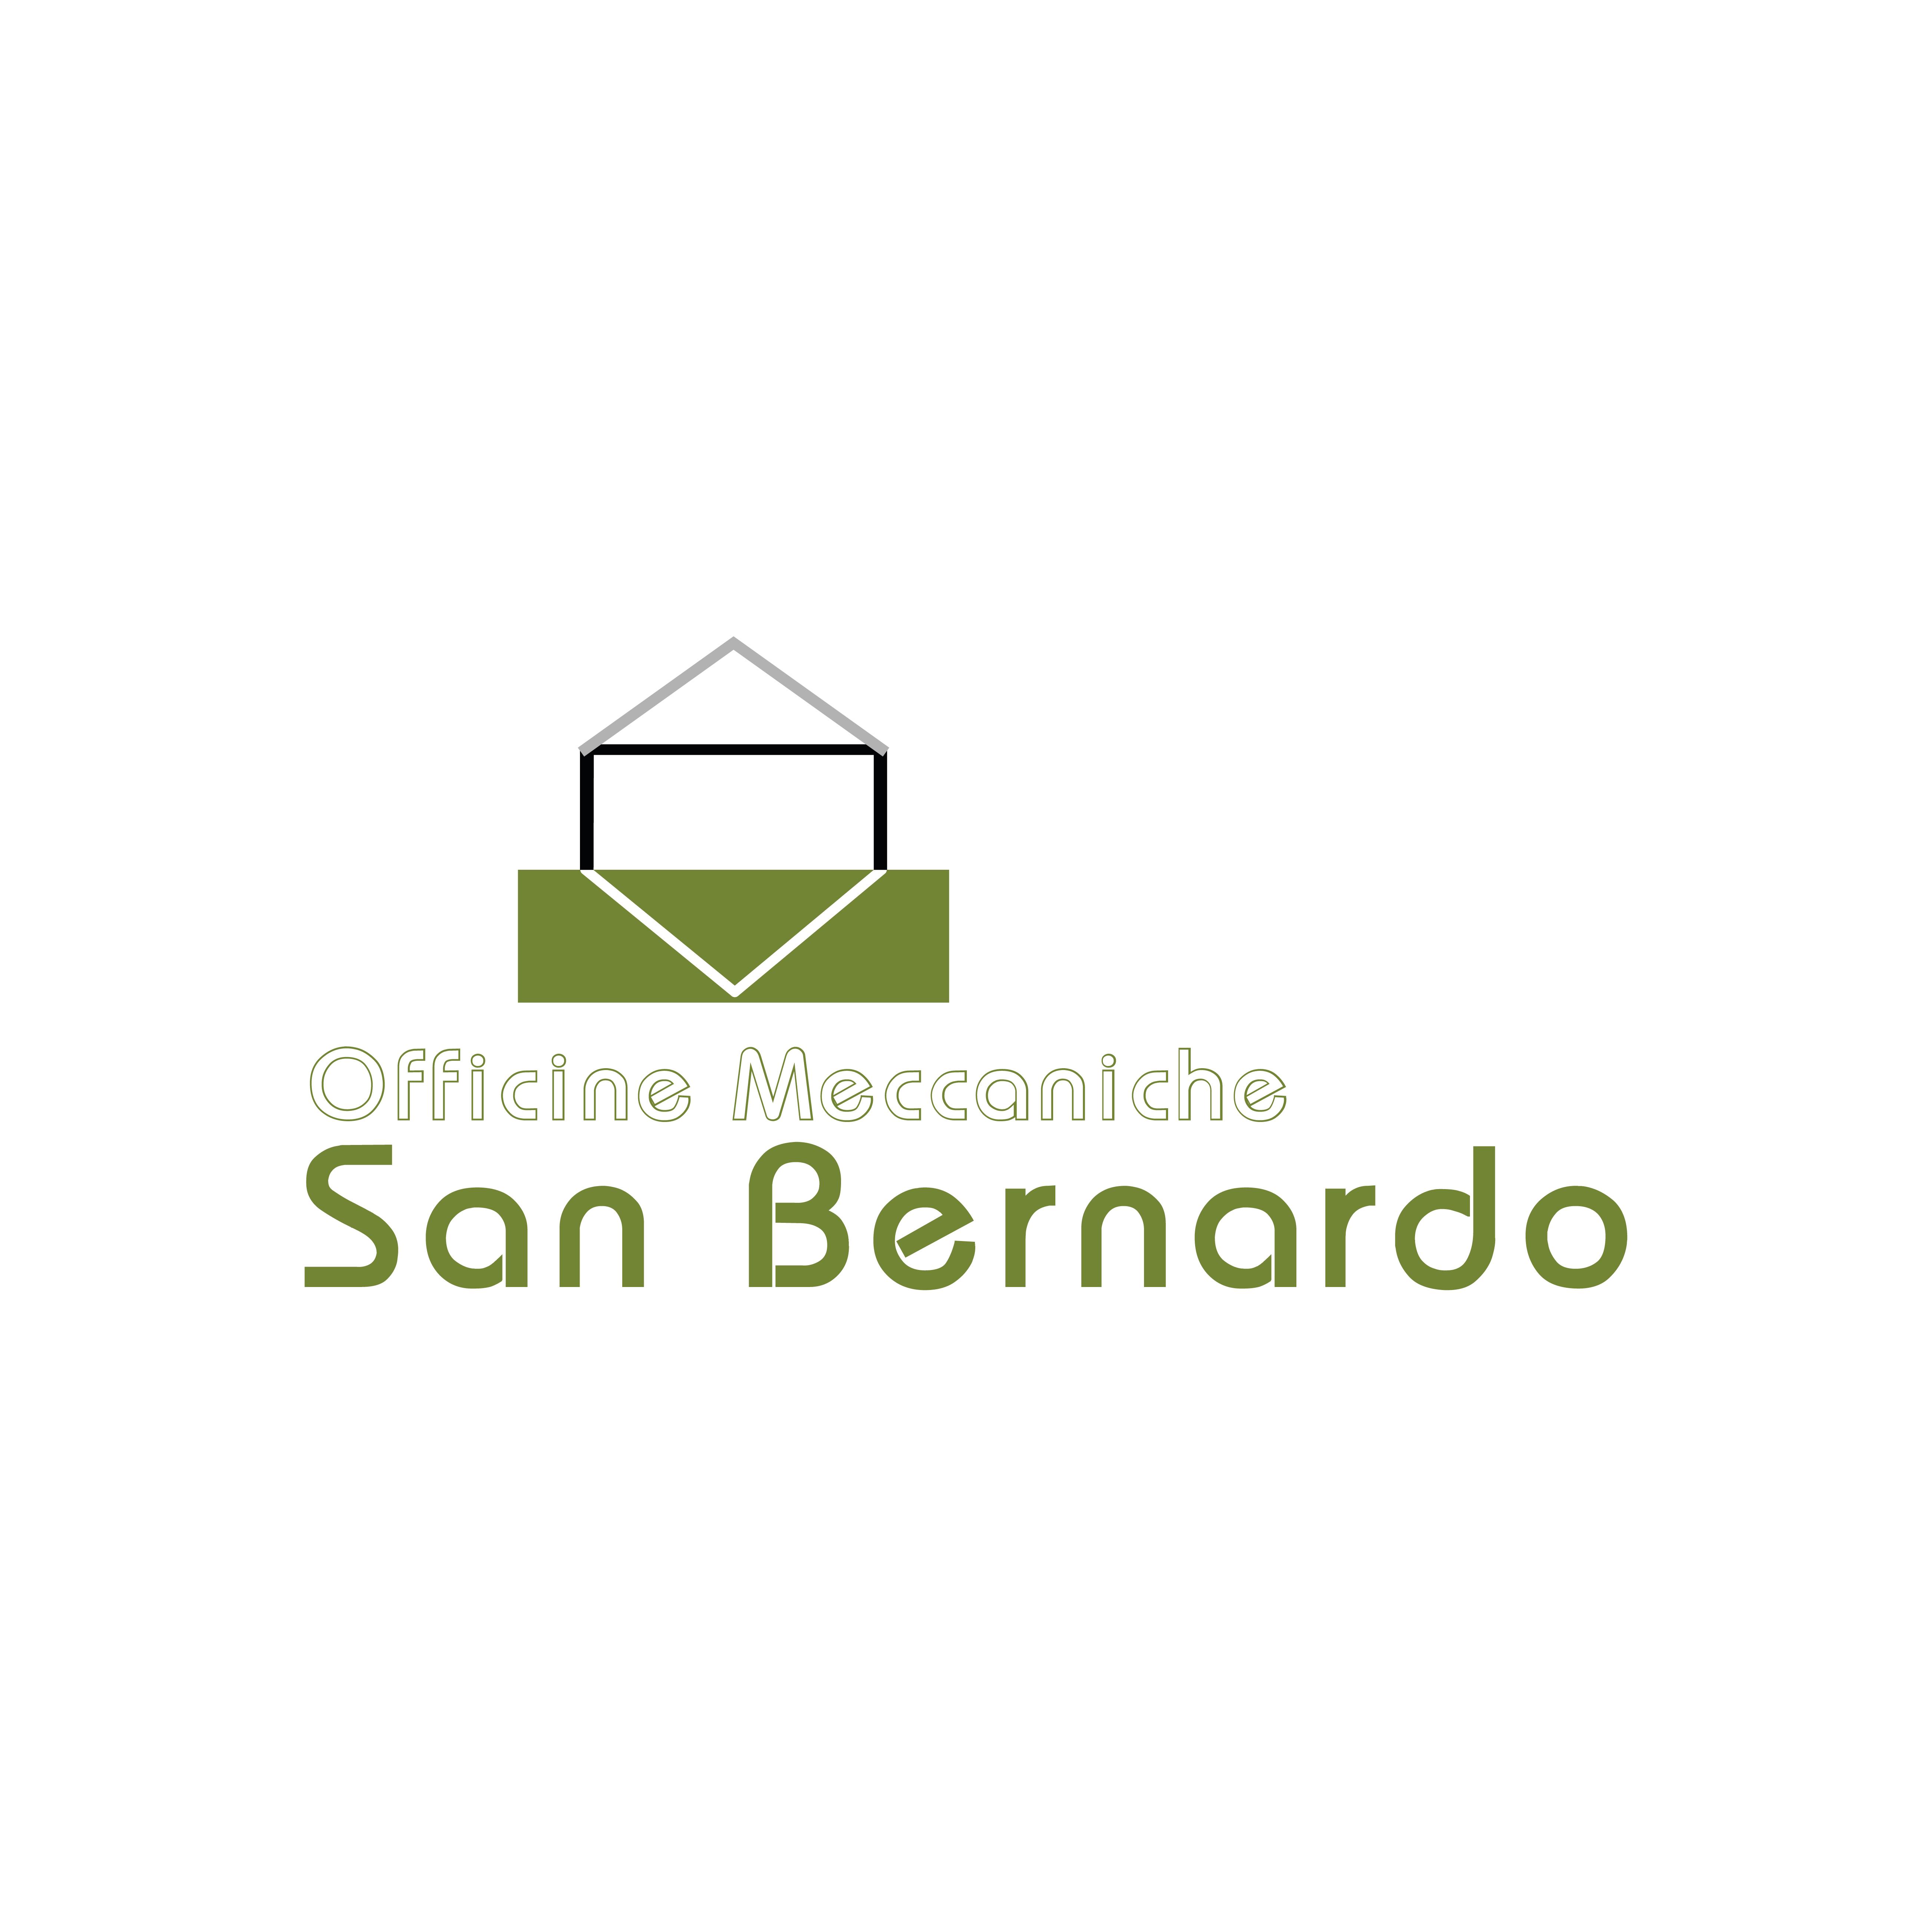 officine san bernardo logo